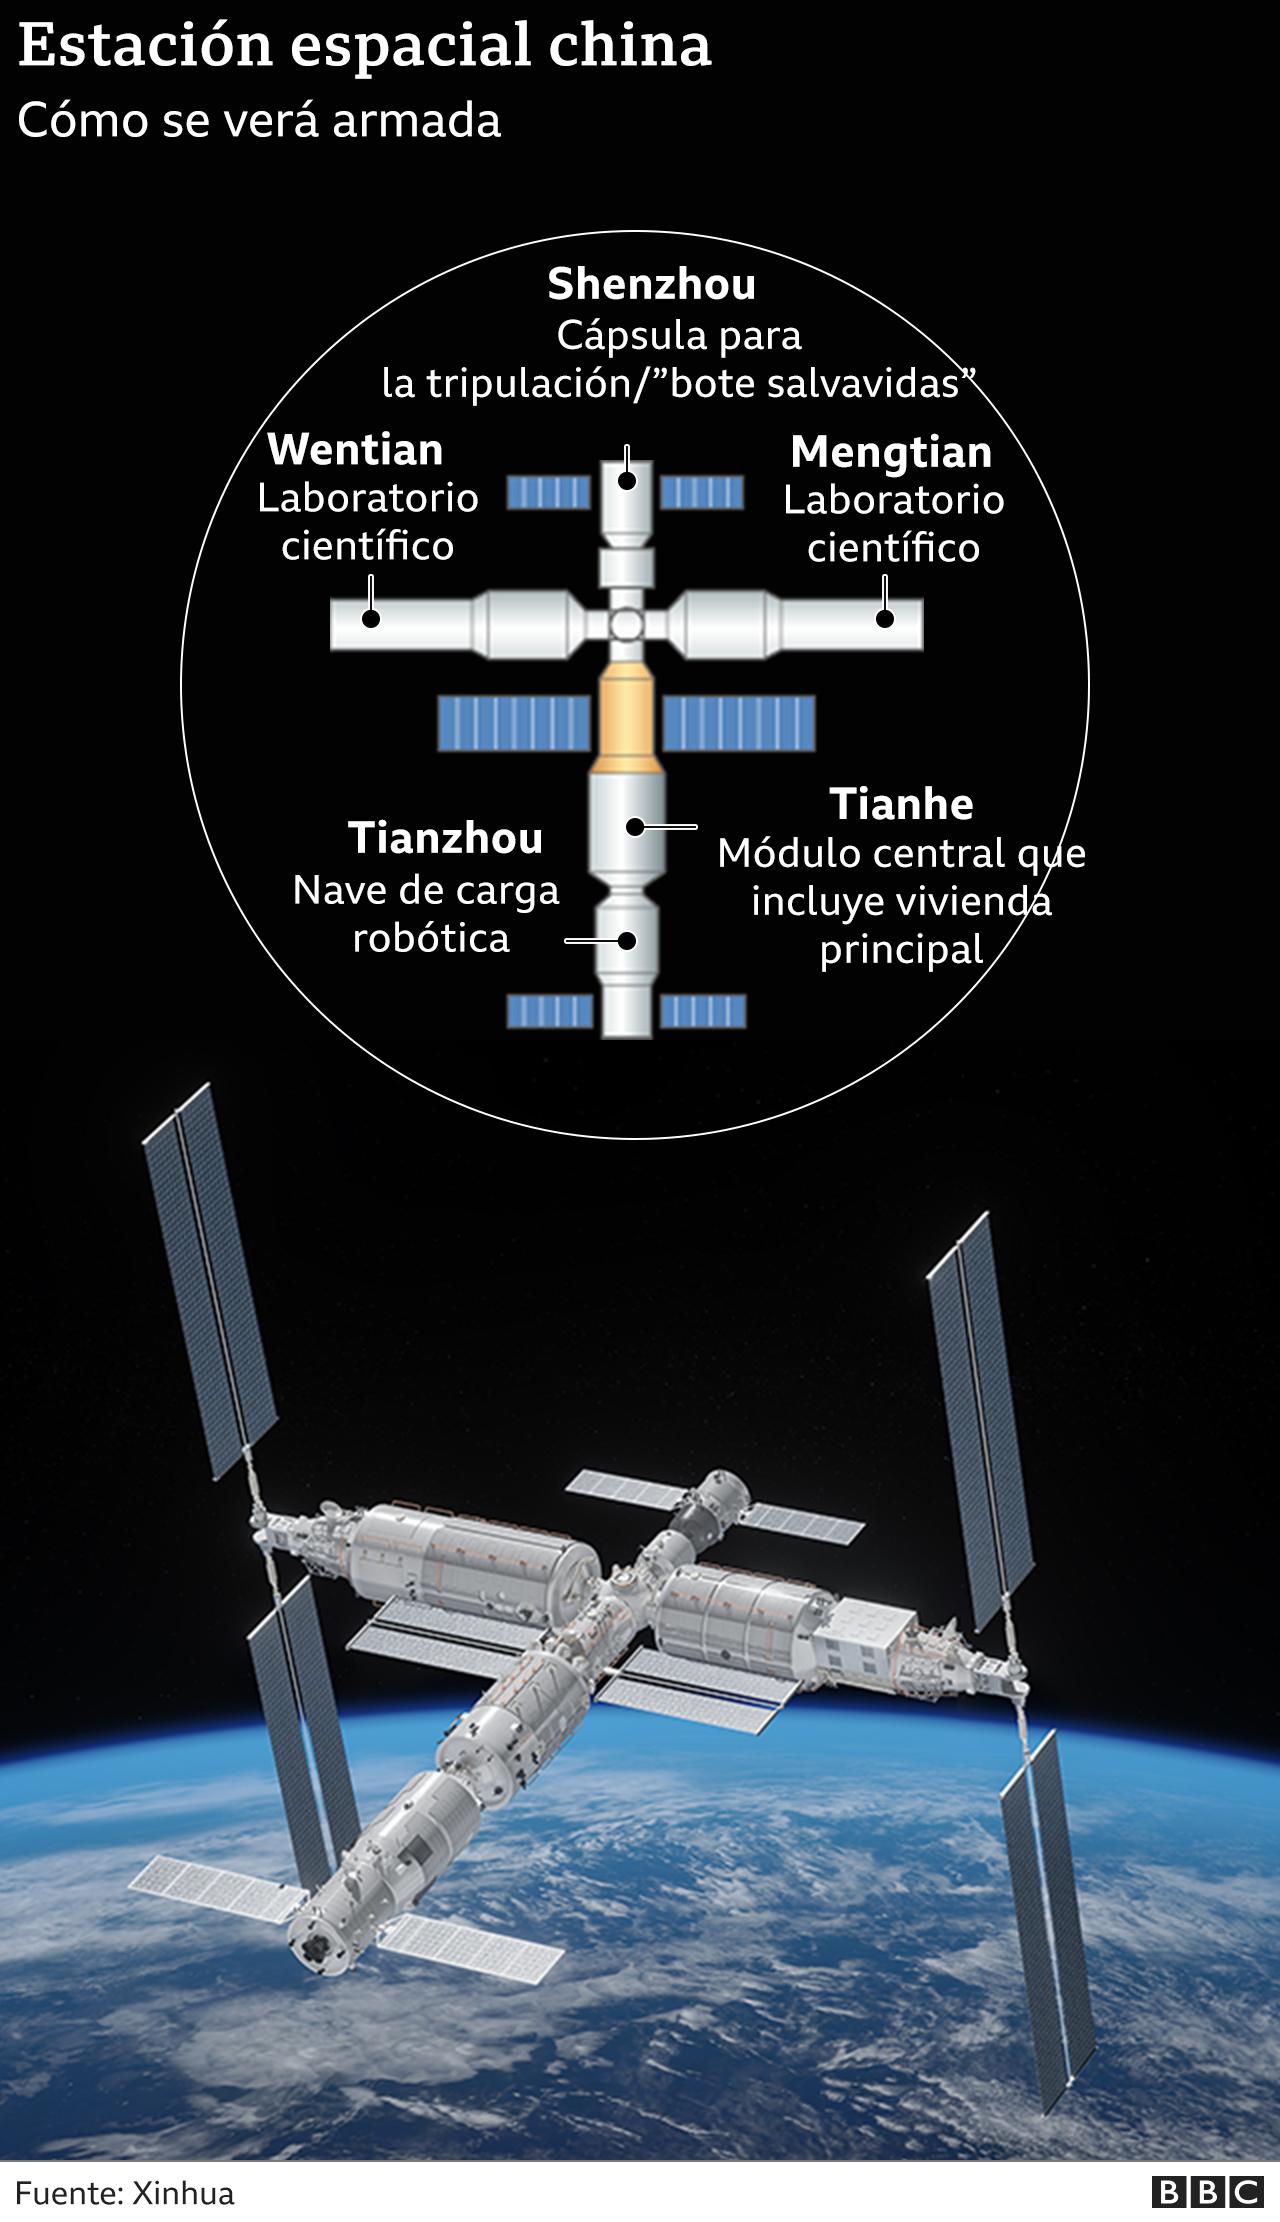 Gráfico del proyecto de estación espacial de China